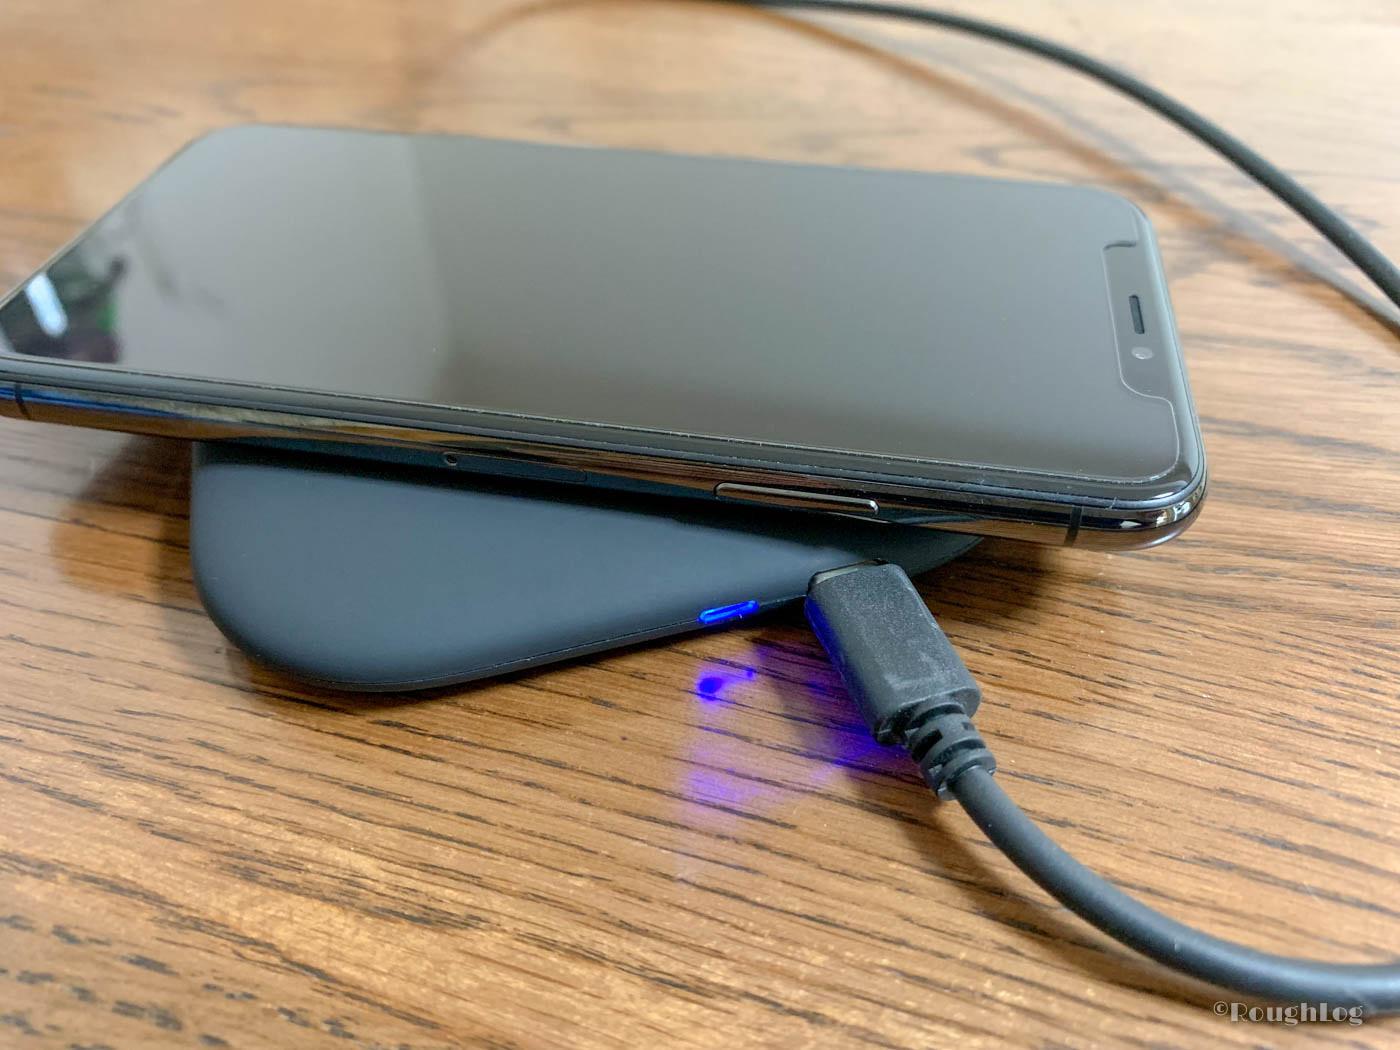 dodocool製Qiワイヤレス充電器にスマホをセット。充電開始とともにLEDライトは青色に点灯